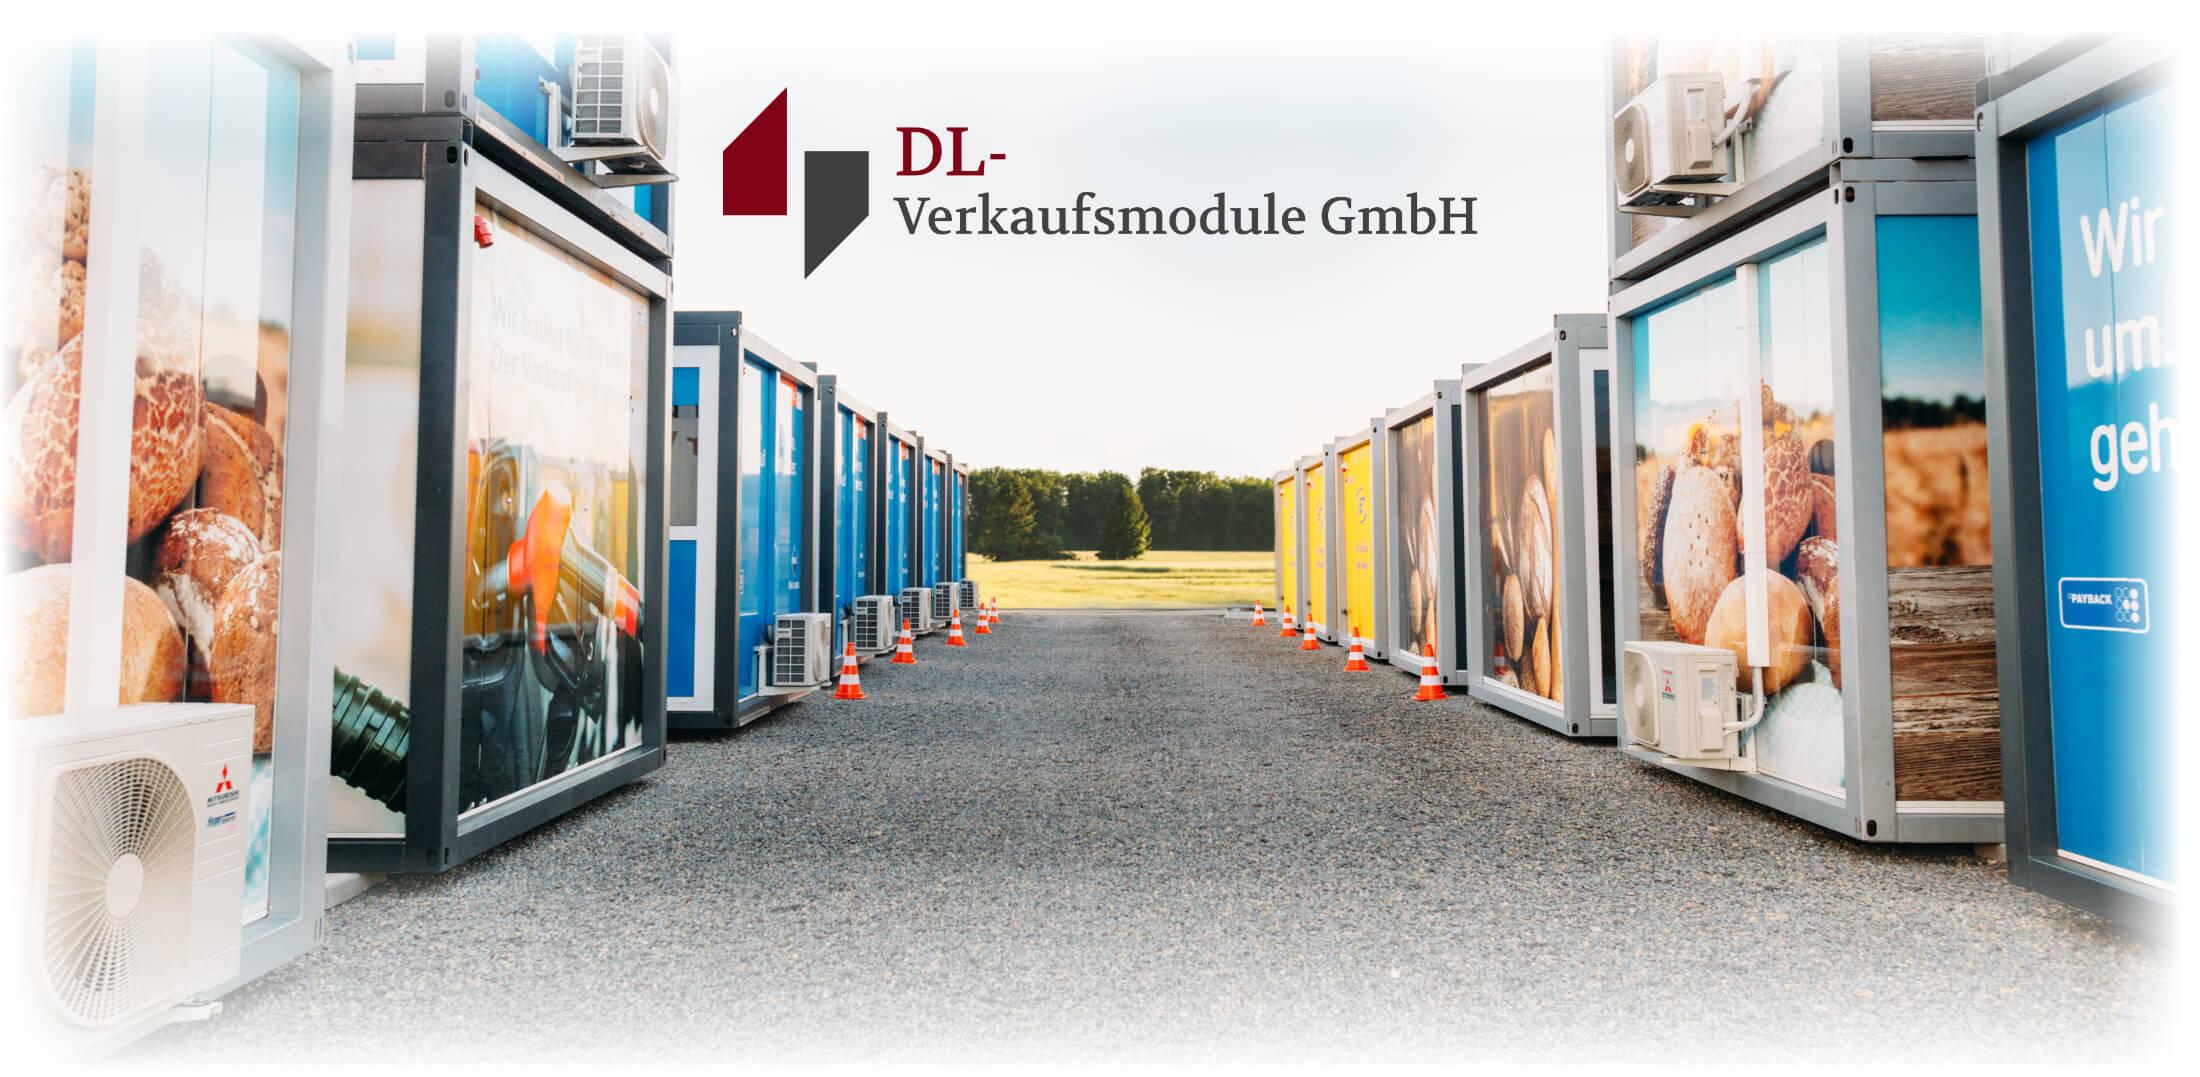 DL-Verkaufsmodule GmbH